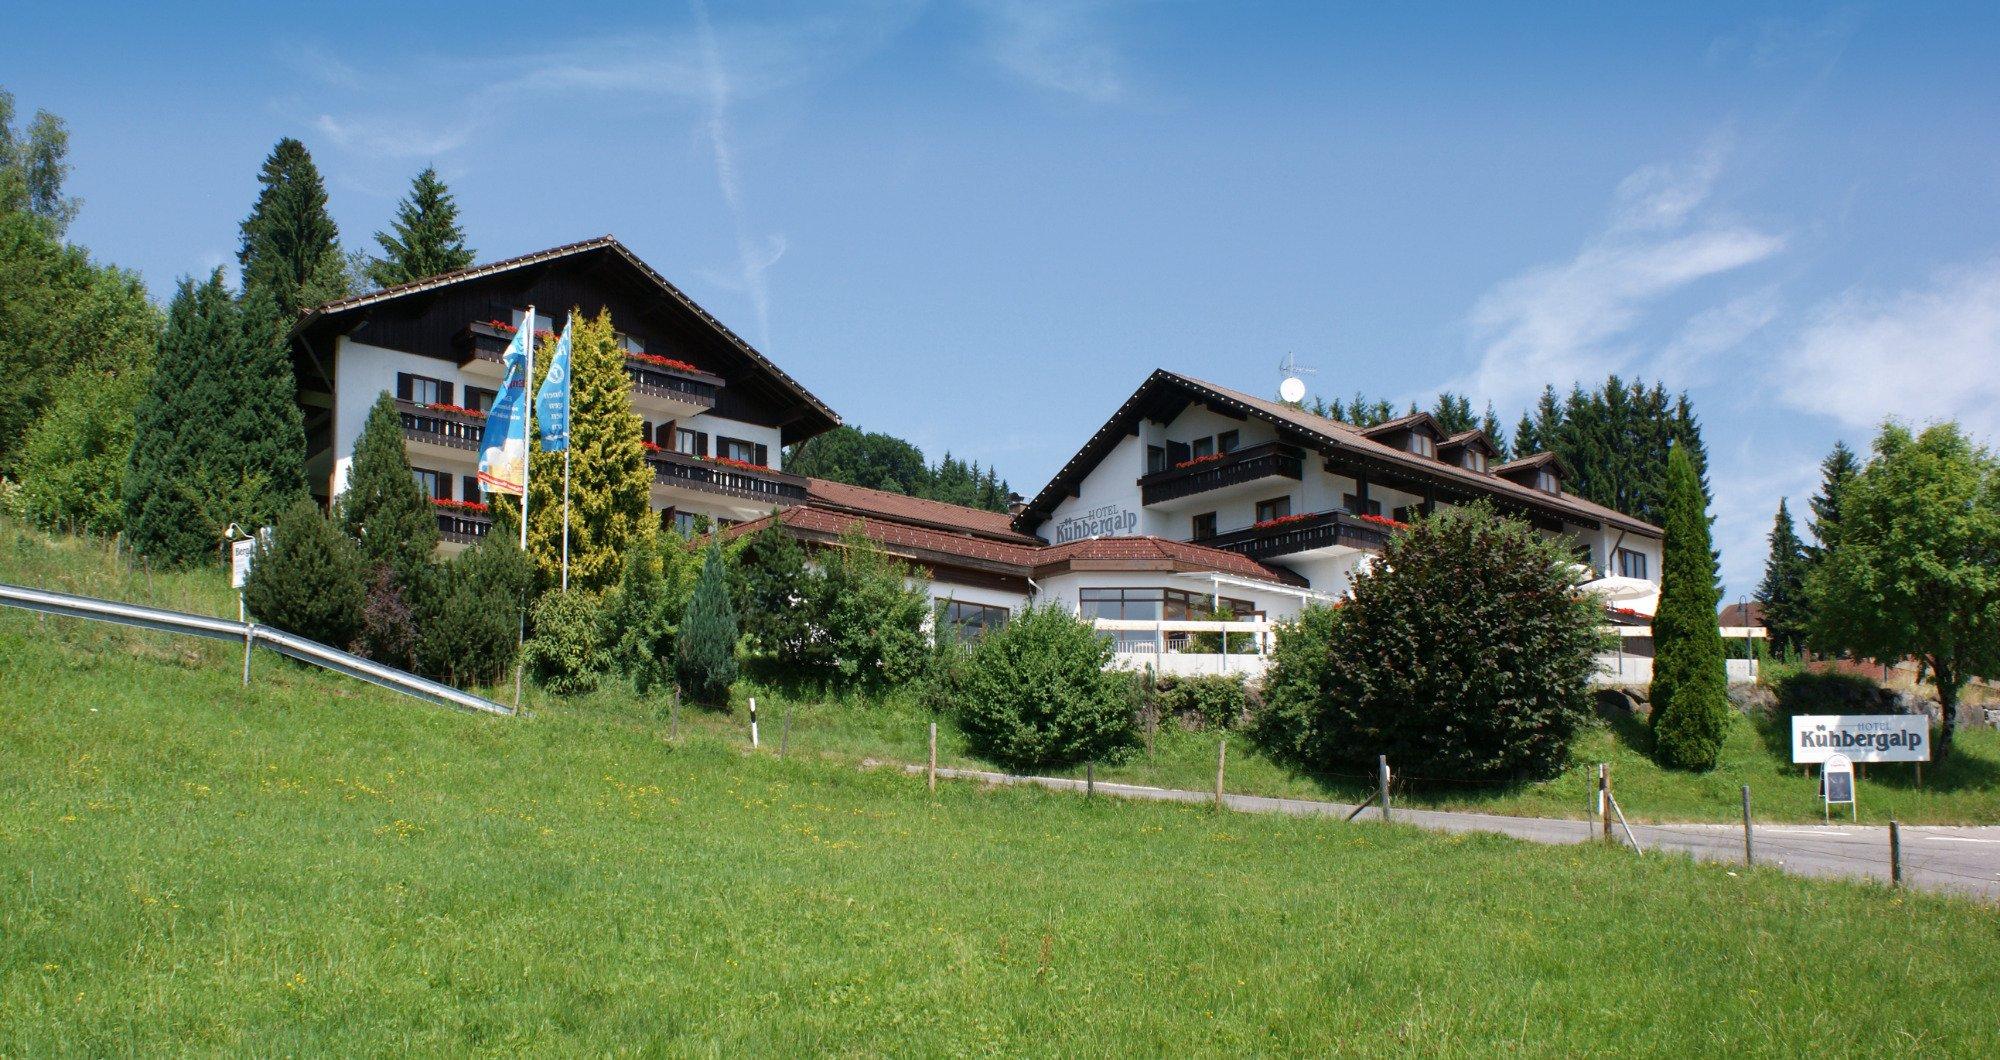 Hotel-Restaurant Kuehbergalp